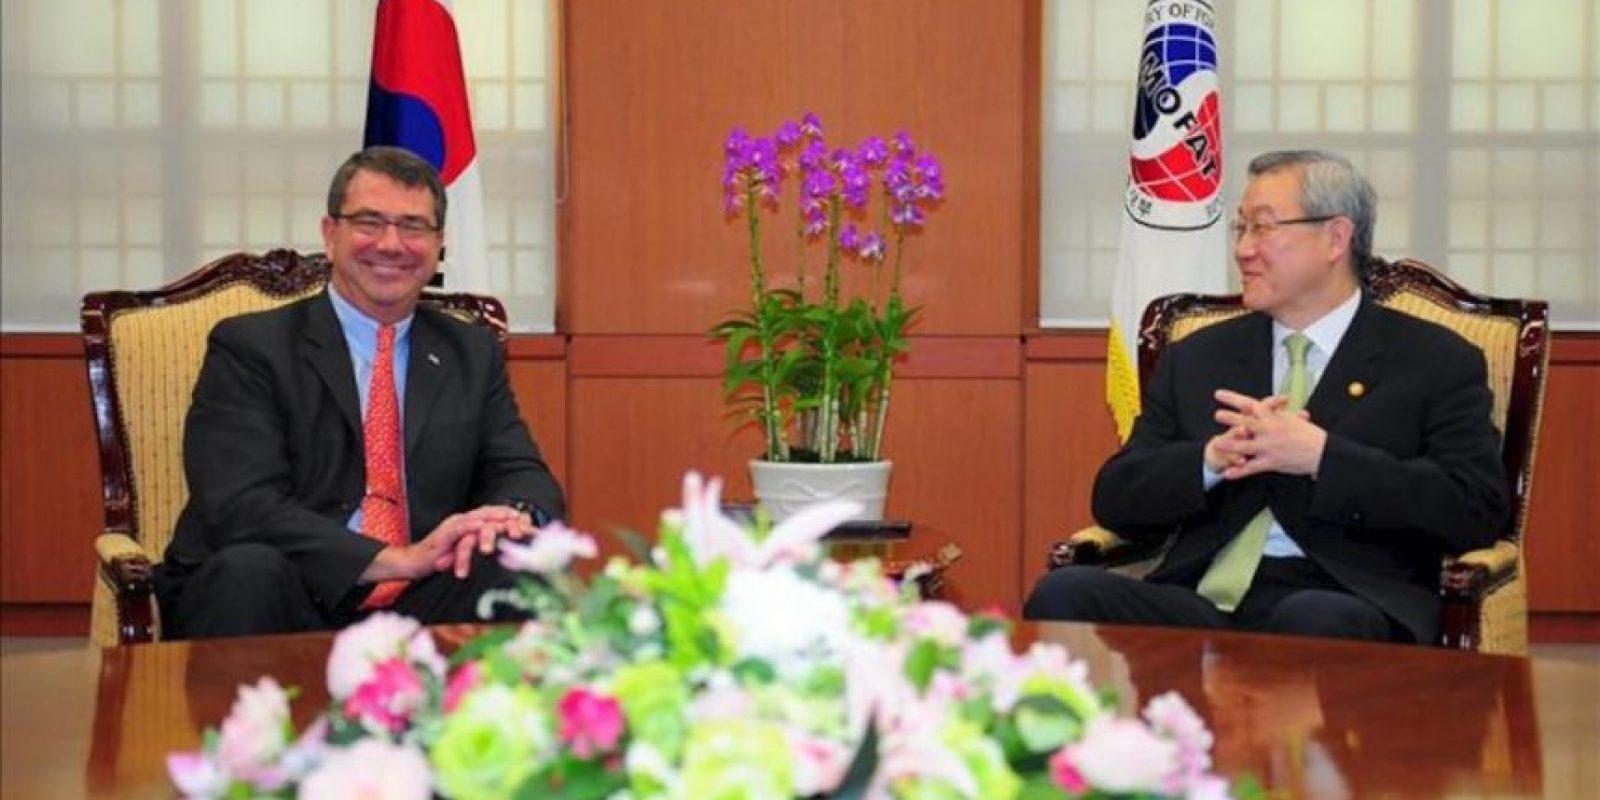 El subsecretario estadounidense de Defensa, Ashton Carter (i), se reúne con el ministro surcoreano de Comercio y Asuntos Exteriores, Kim Sung-Hwan (d), hoy, jueves 26 de julio de 2012, en Seúl (Corea del Sur). Carter llegó al país para reunirse con funcionarios y discutir acerca de un avión de combate de nueva generación. EFE